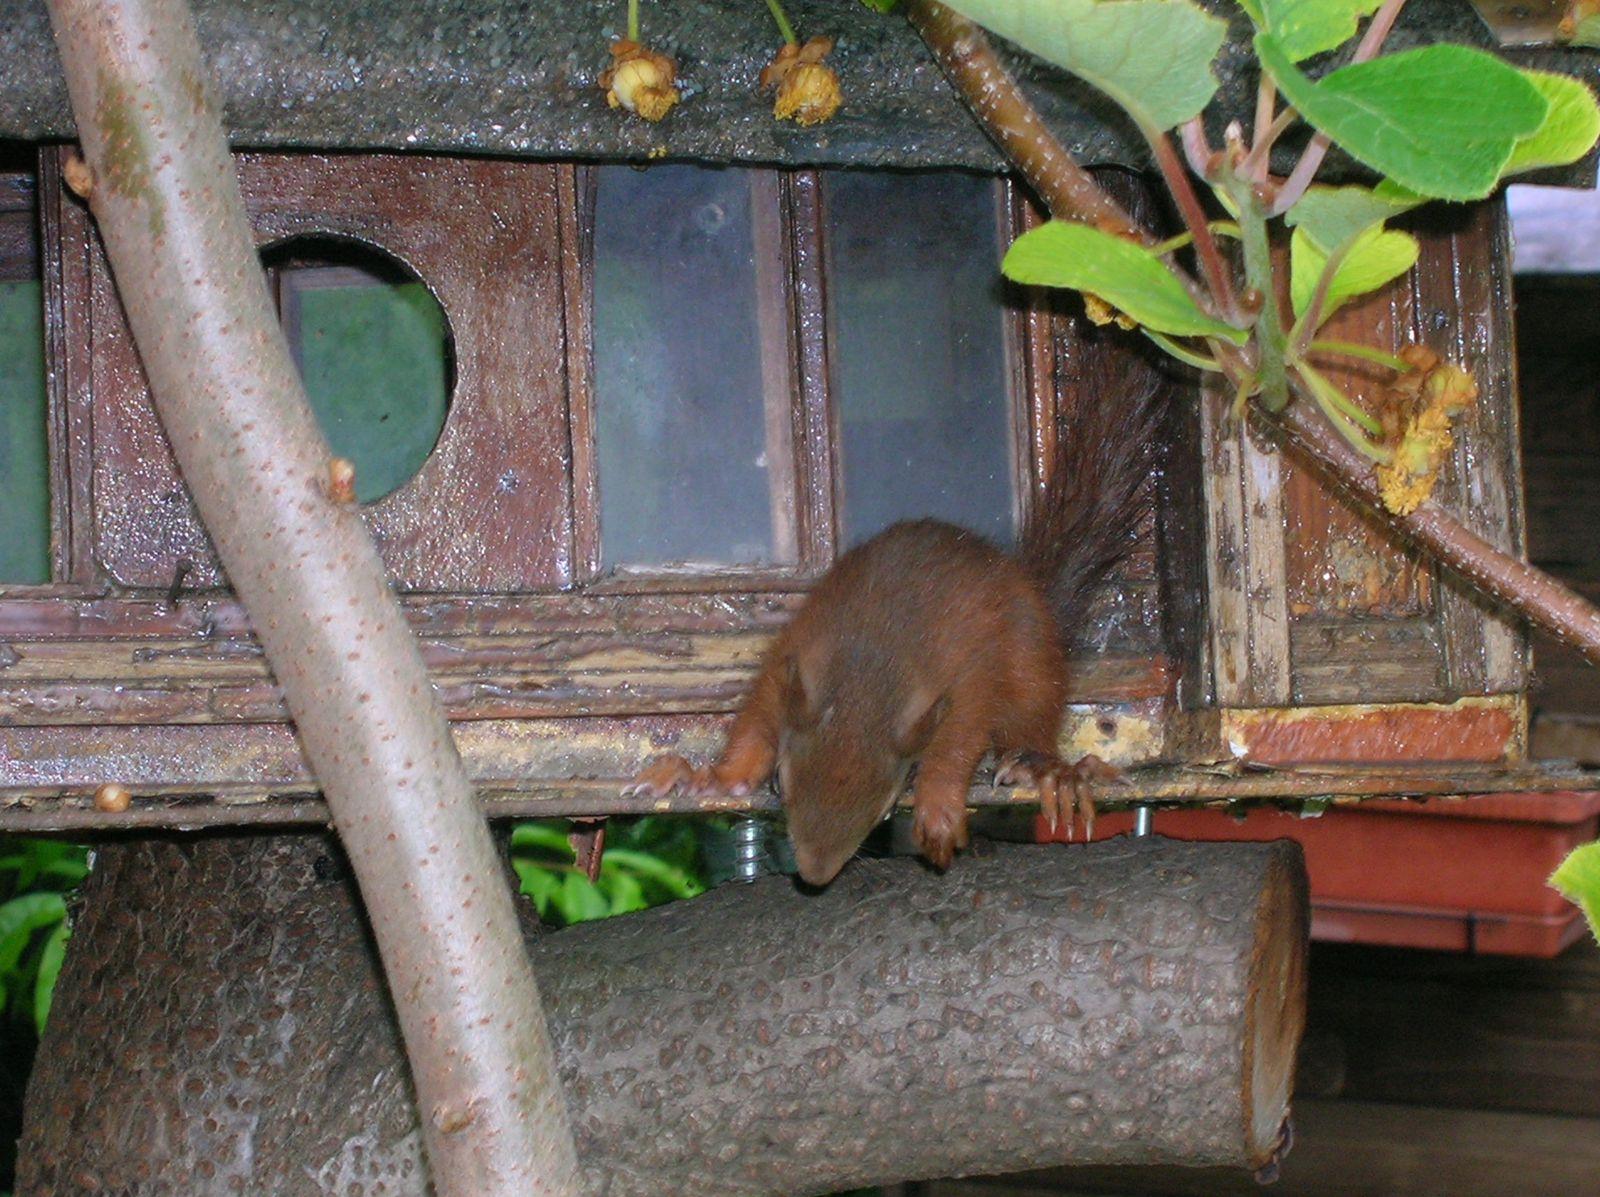 ces squatteurs d'écureuils (la suite)